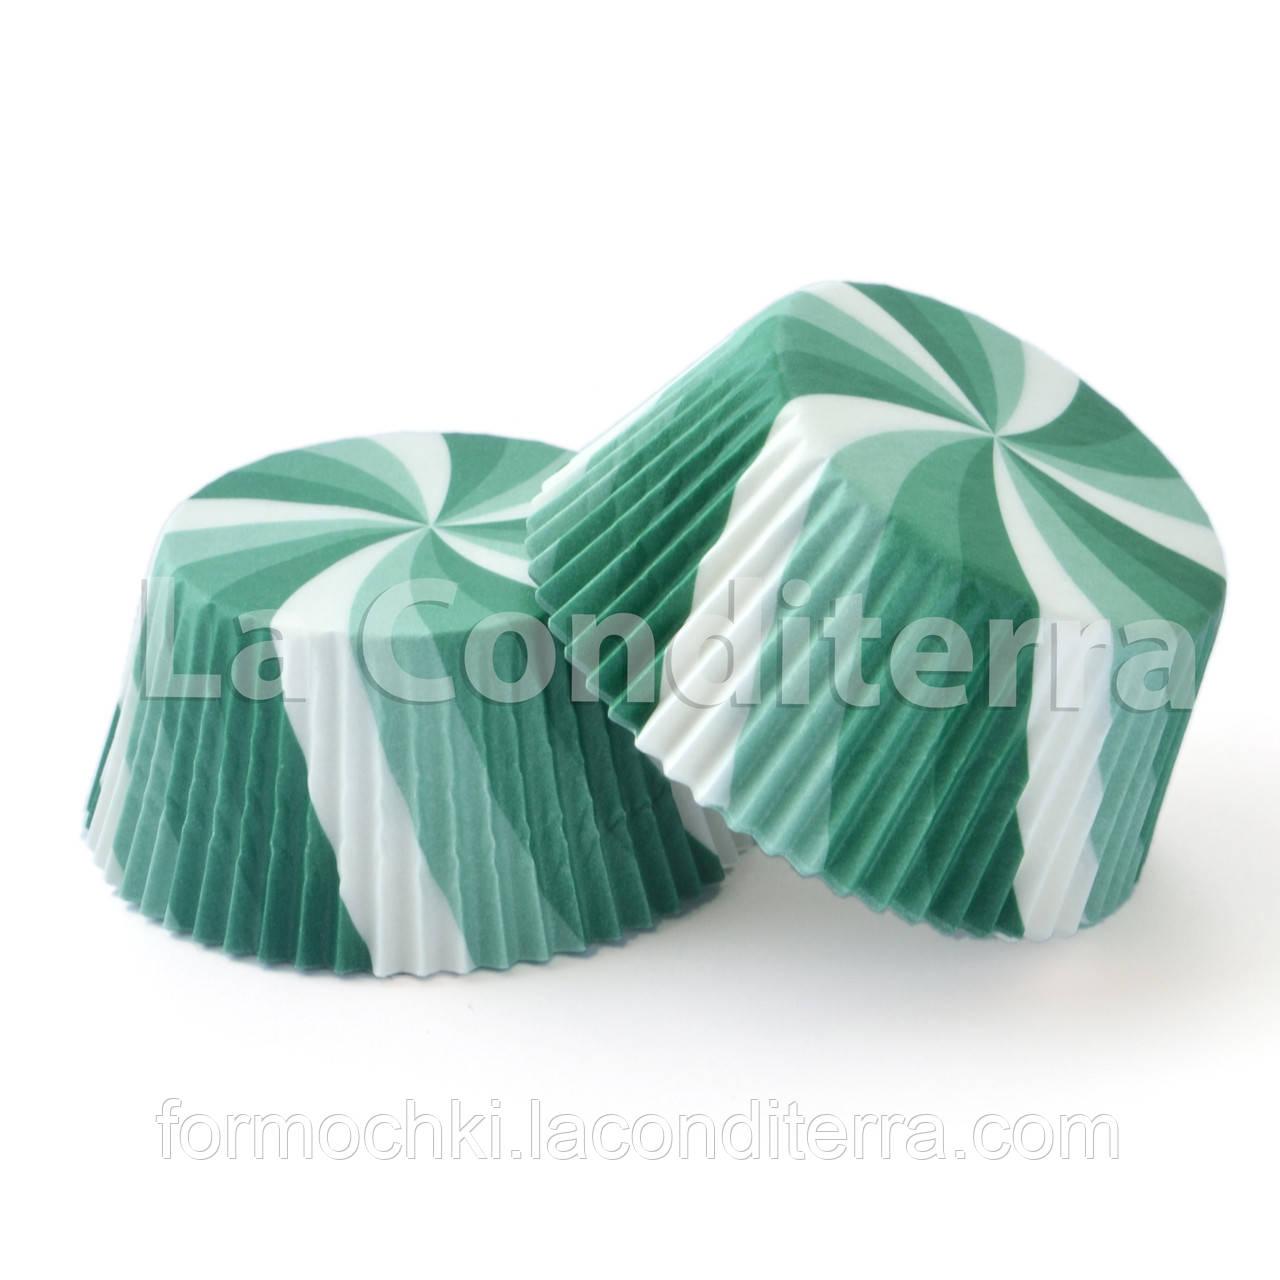 Бумажные формы для кексов «Вертушка Зеленая» (Ø50 мм), мин. партия от 2000 шт.